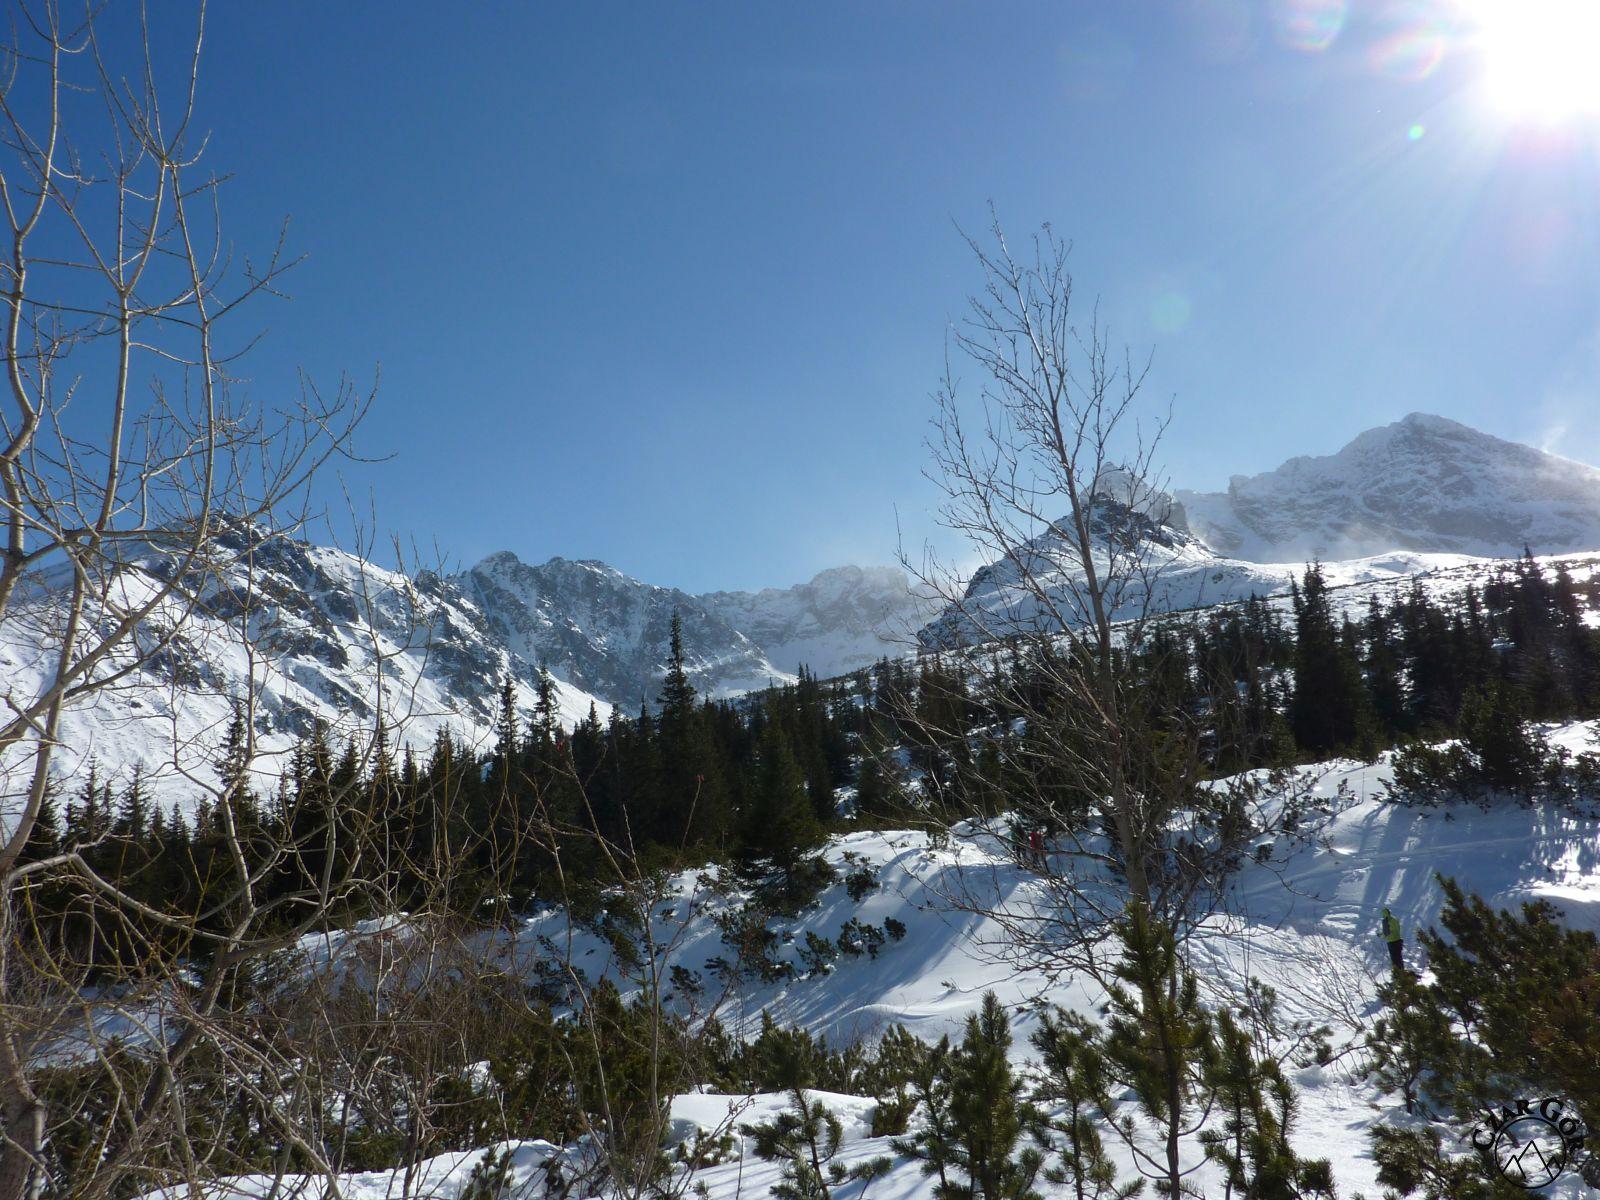 Wycieczka skitourowa pod Przełęcz Karb. Po prawej - Świnica